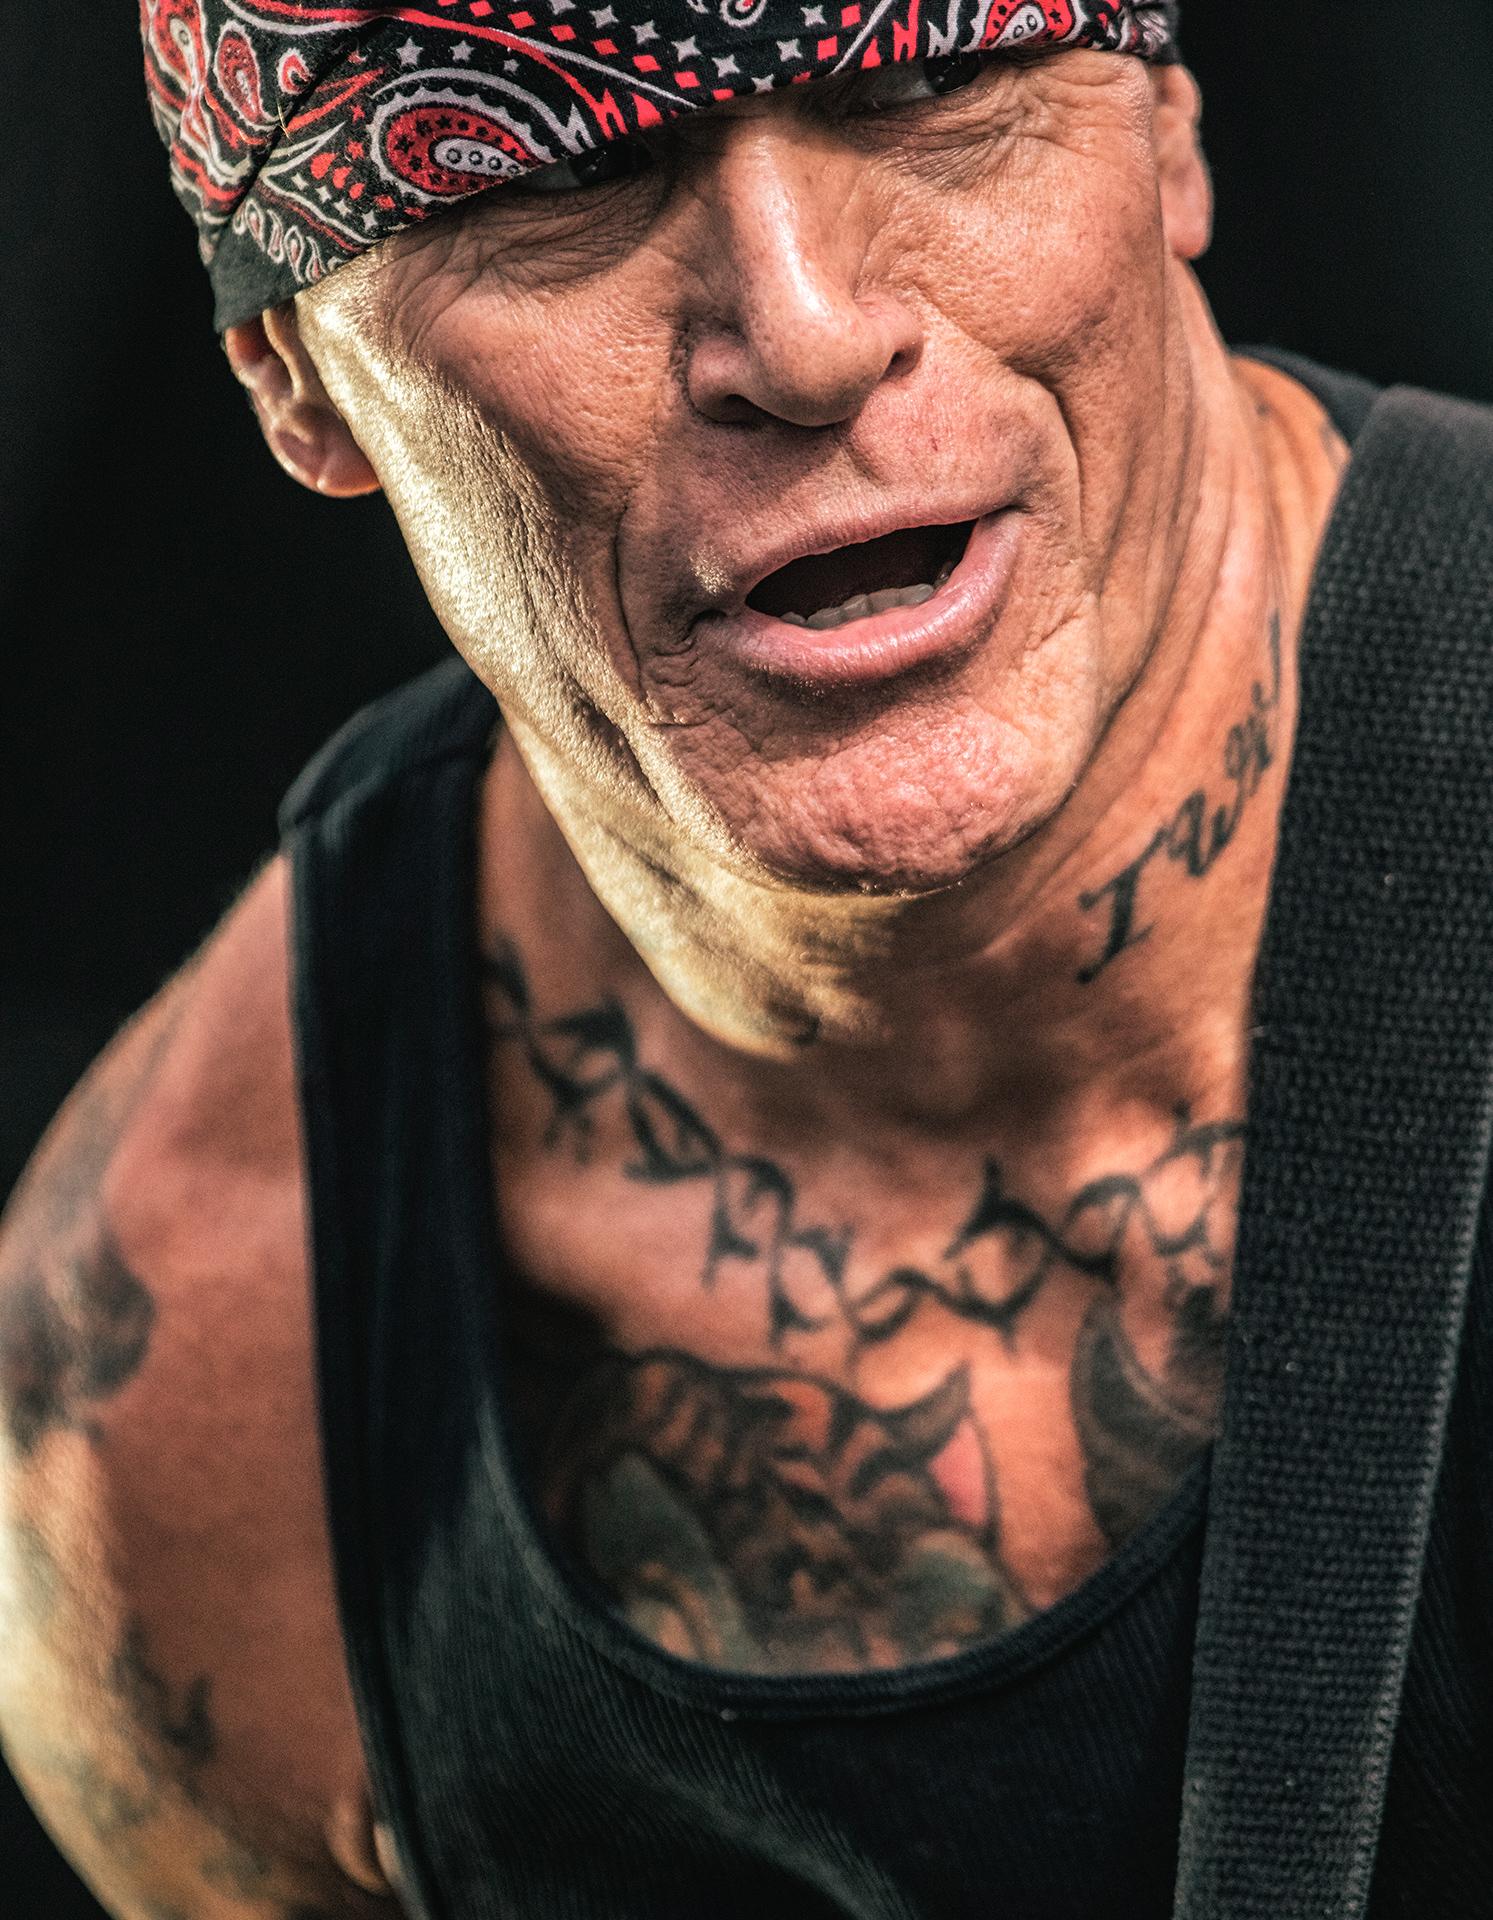 Pete Koller, Sick Of It All band, guitarist, Tuska metal festival